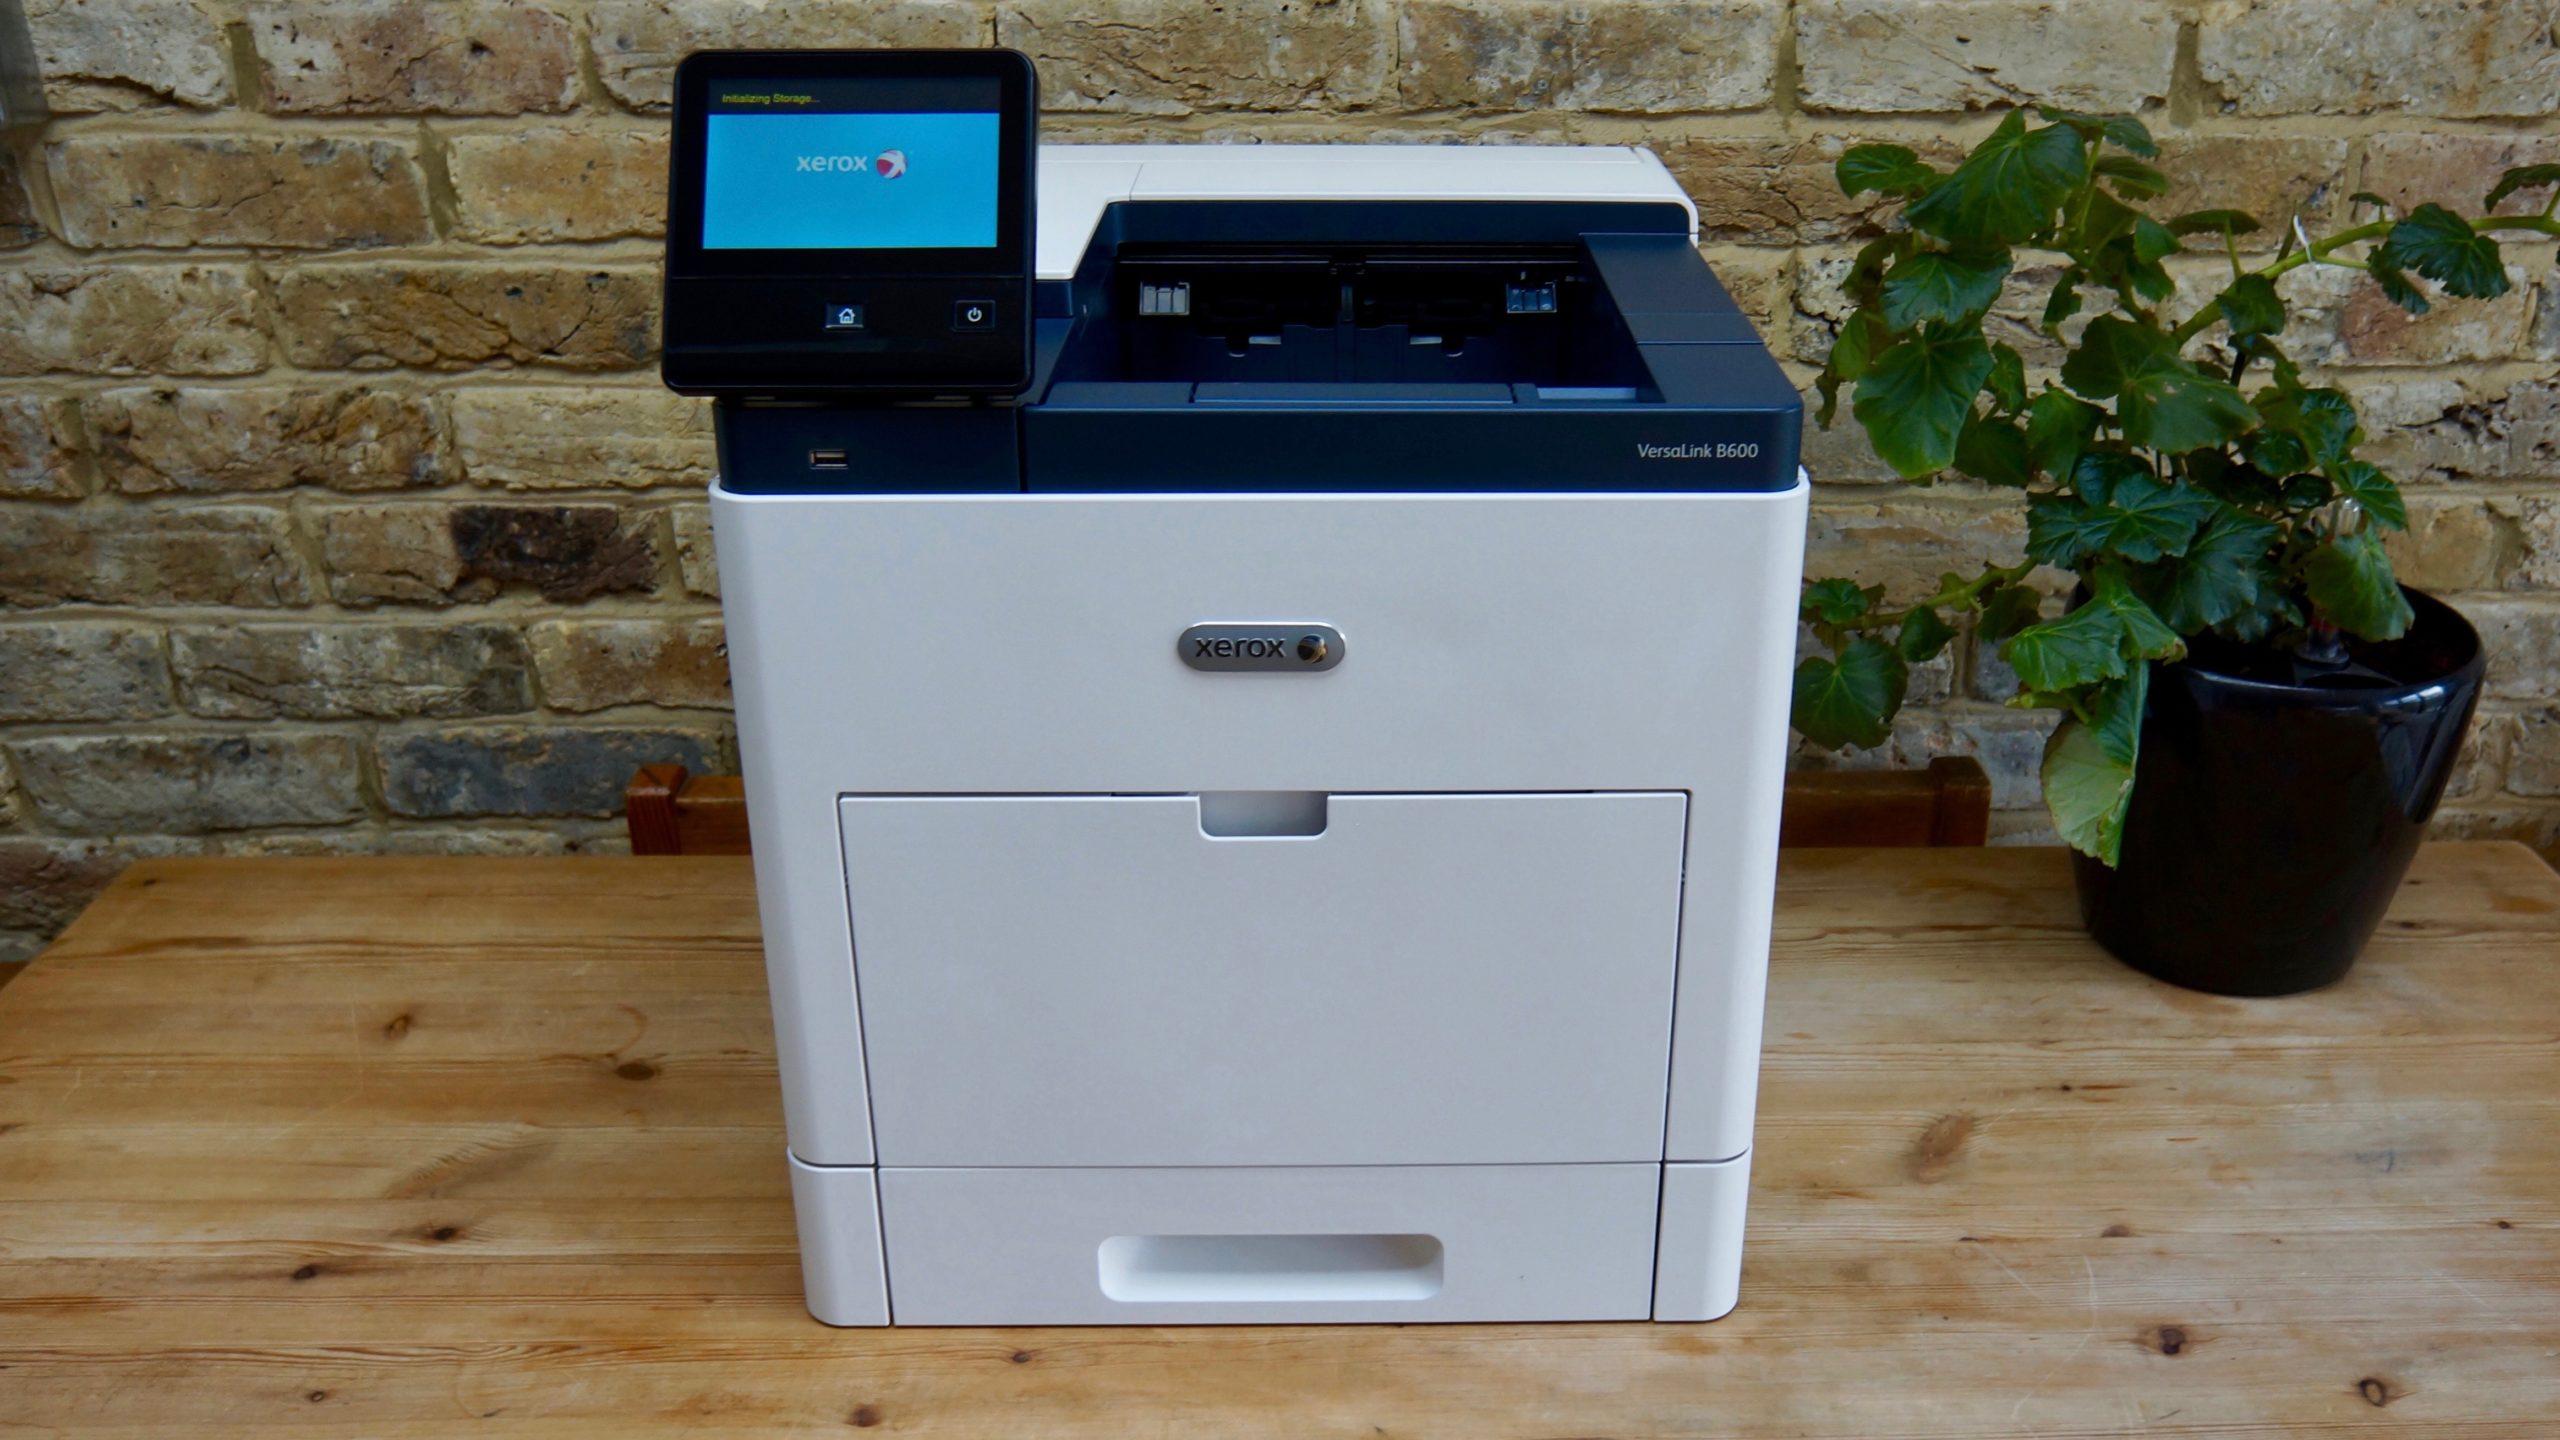 Best laser printer 2020